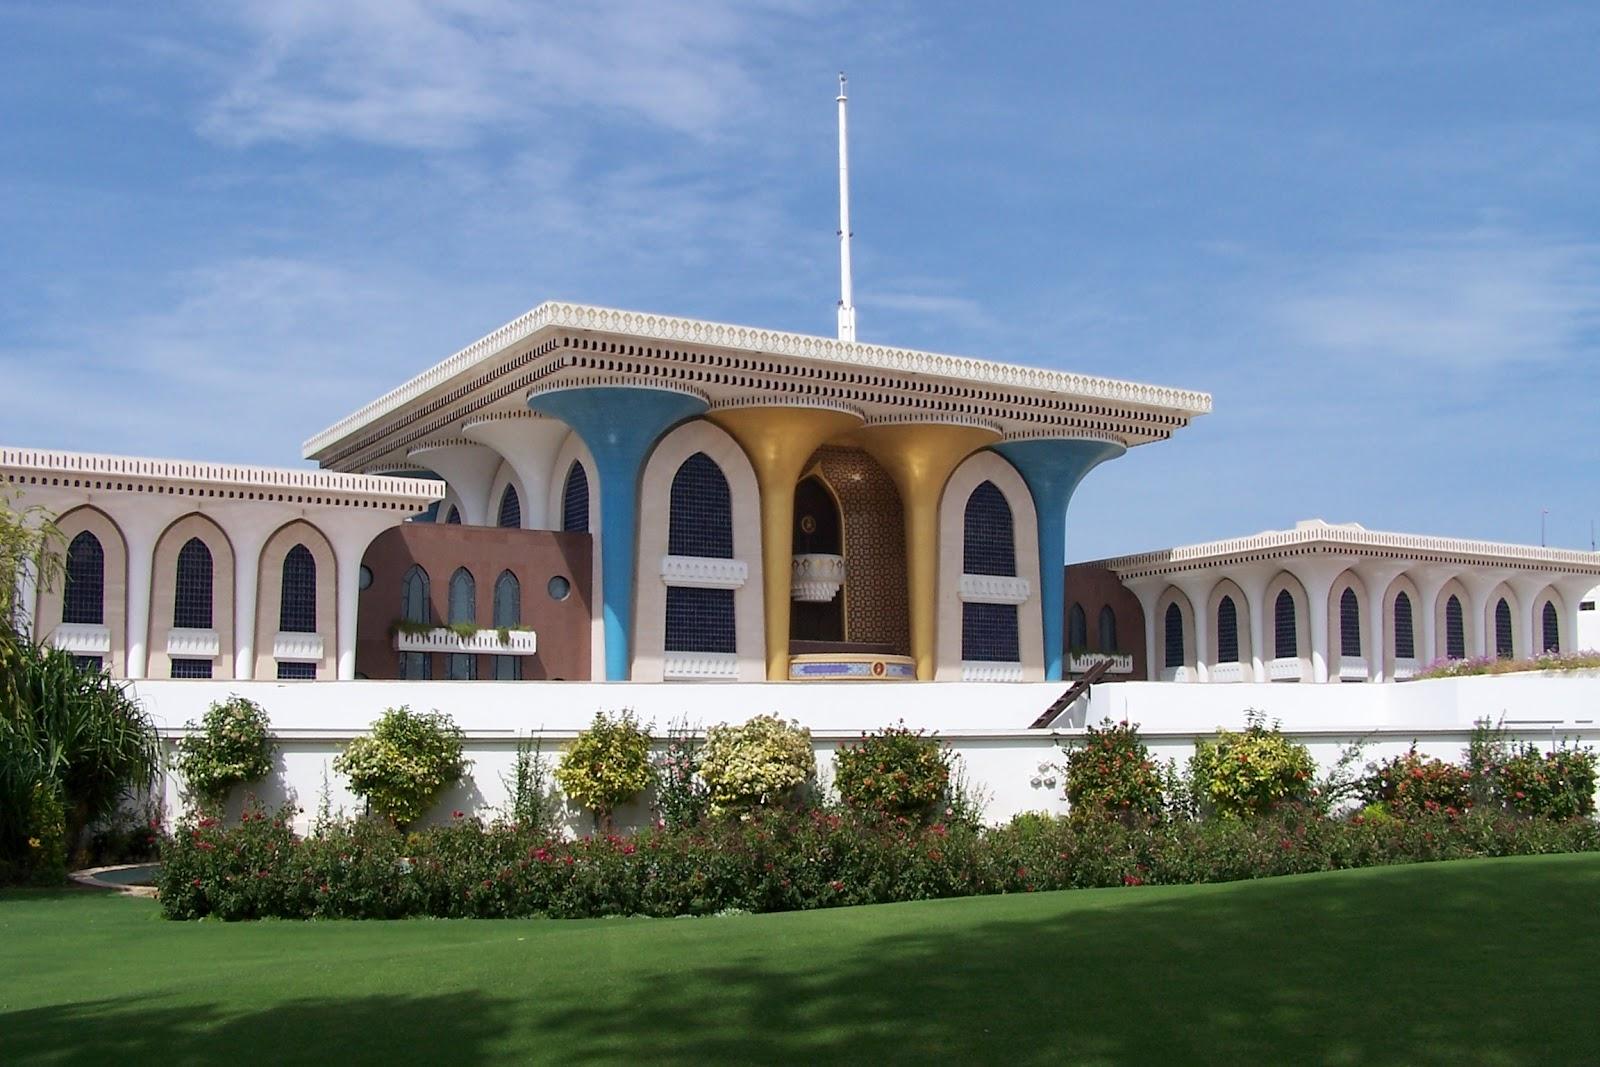 قصر العلم العامر Size:307.20 Kb Dim: 1600 x 1067